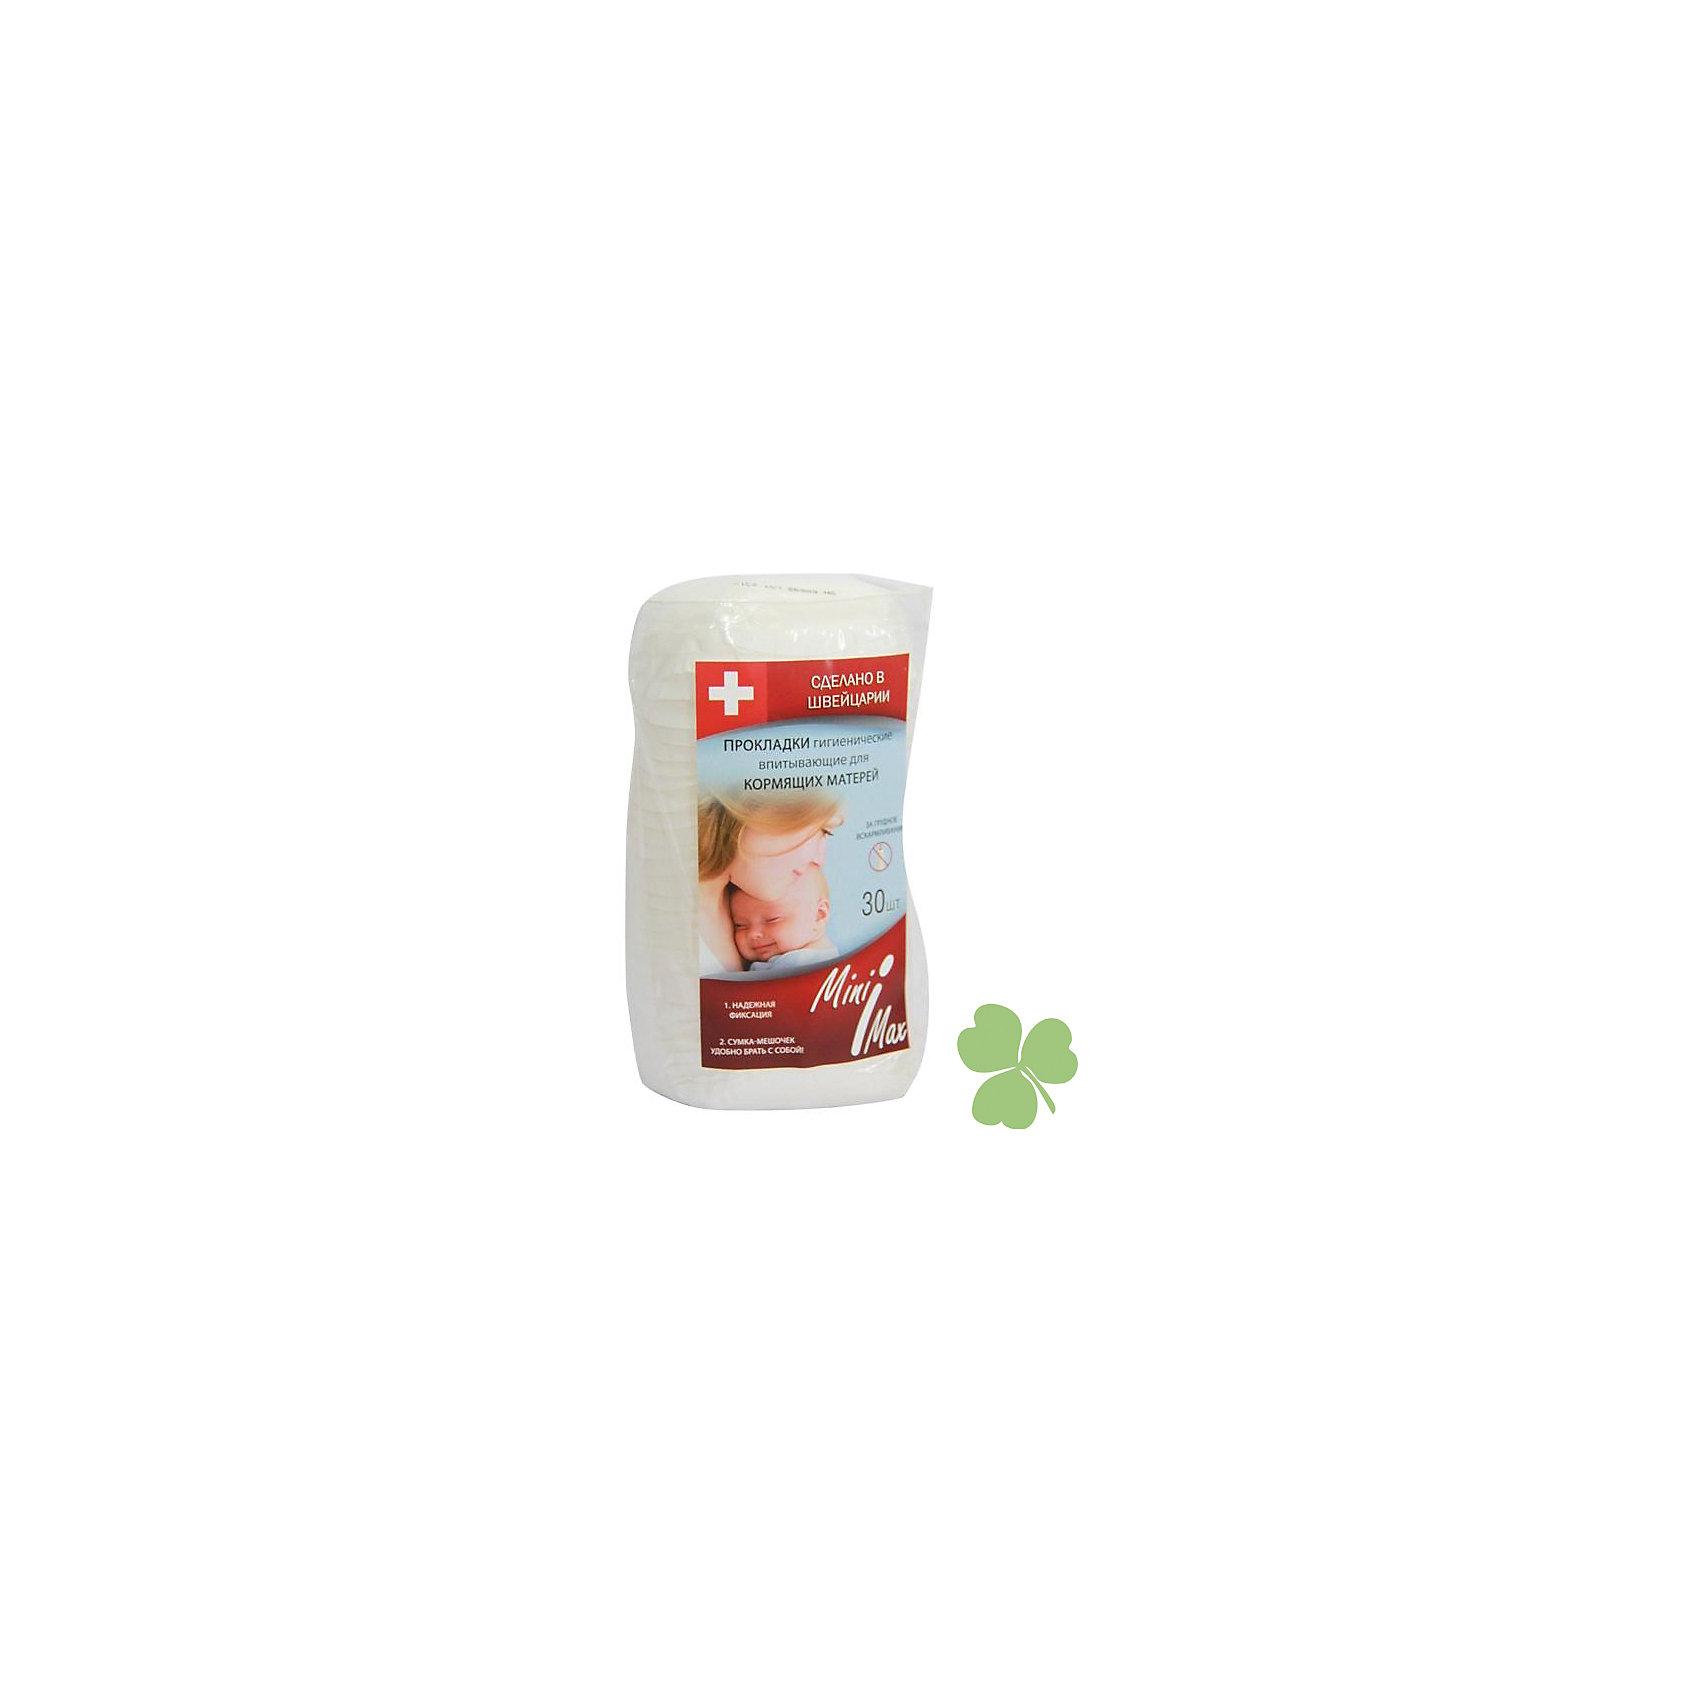 Прокладки для кормящих матерей 30 шт., п/э упаковка, MiniMaxМягкие прокладки для груди защищают нижнее белье от намокания, впитывают и абсорбируют подтекшее грудное молоко и выделения. Тонкие прокладки позволяют сохранить кожу груди сухой между кормлениями. <br><br>Дополнительная информация:<br><br>Материал: 100% хлопок<br>Количество в упаковке: 30 штук<br><br>Прокладки для кормящих матерей 30 шт., п/э упаковка, MiniMax можно купить в нашем интернет-магазине.<br><br>Ширина мм: 300<br>Глубина мм: 100<br>Высота мм: 50<br>Вес г: 500<br>Возраст от месяцев: 216<br>Возраст до месяцев: 600<br>Пол: Женский<br>Возраст: Детский<br>SKU: 5008339